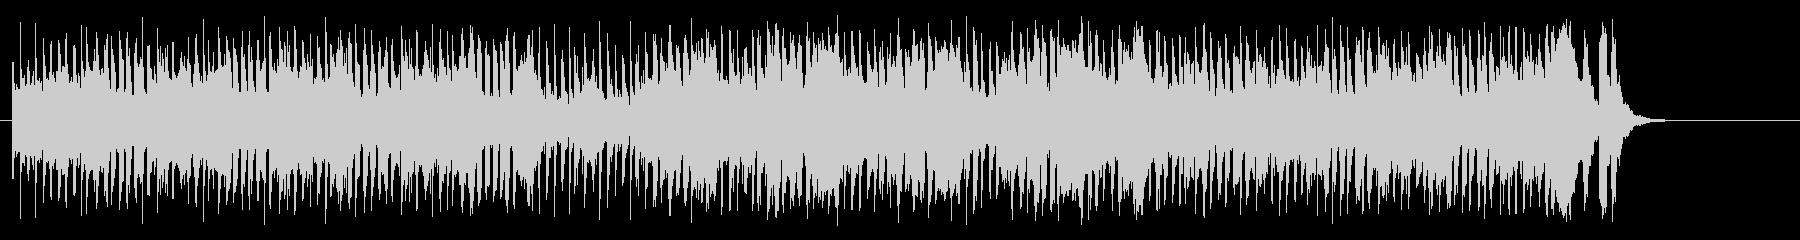 ヴギ・ウギのダンサブルなマイナーポップスの未再生の波形